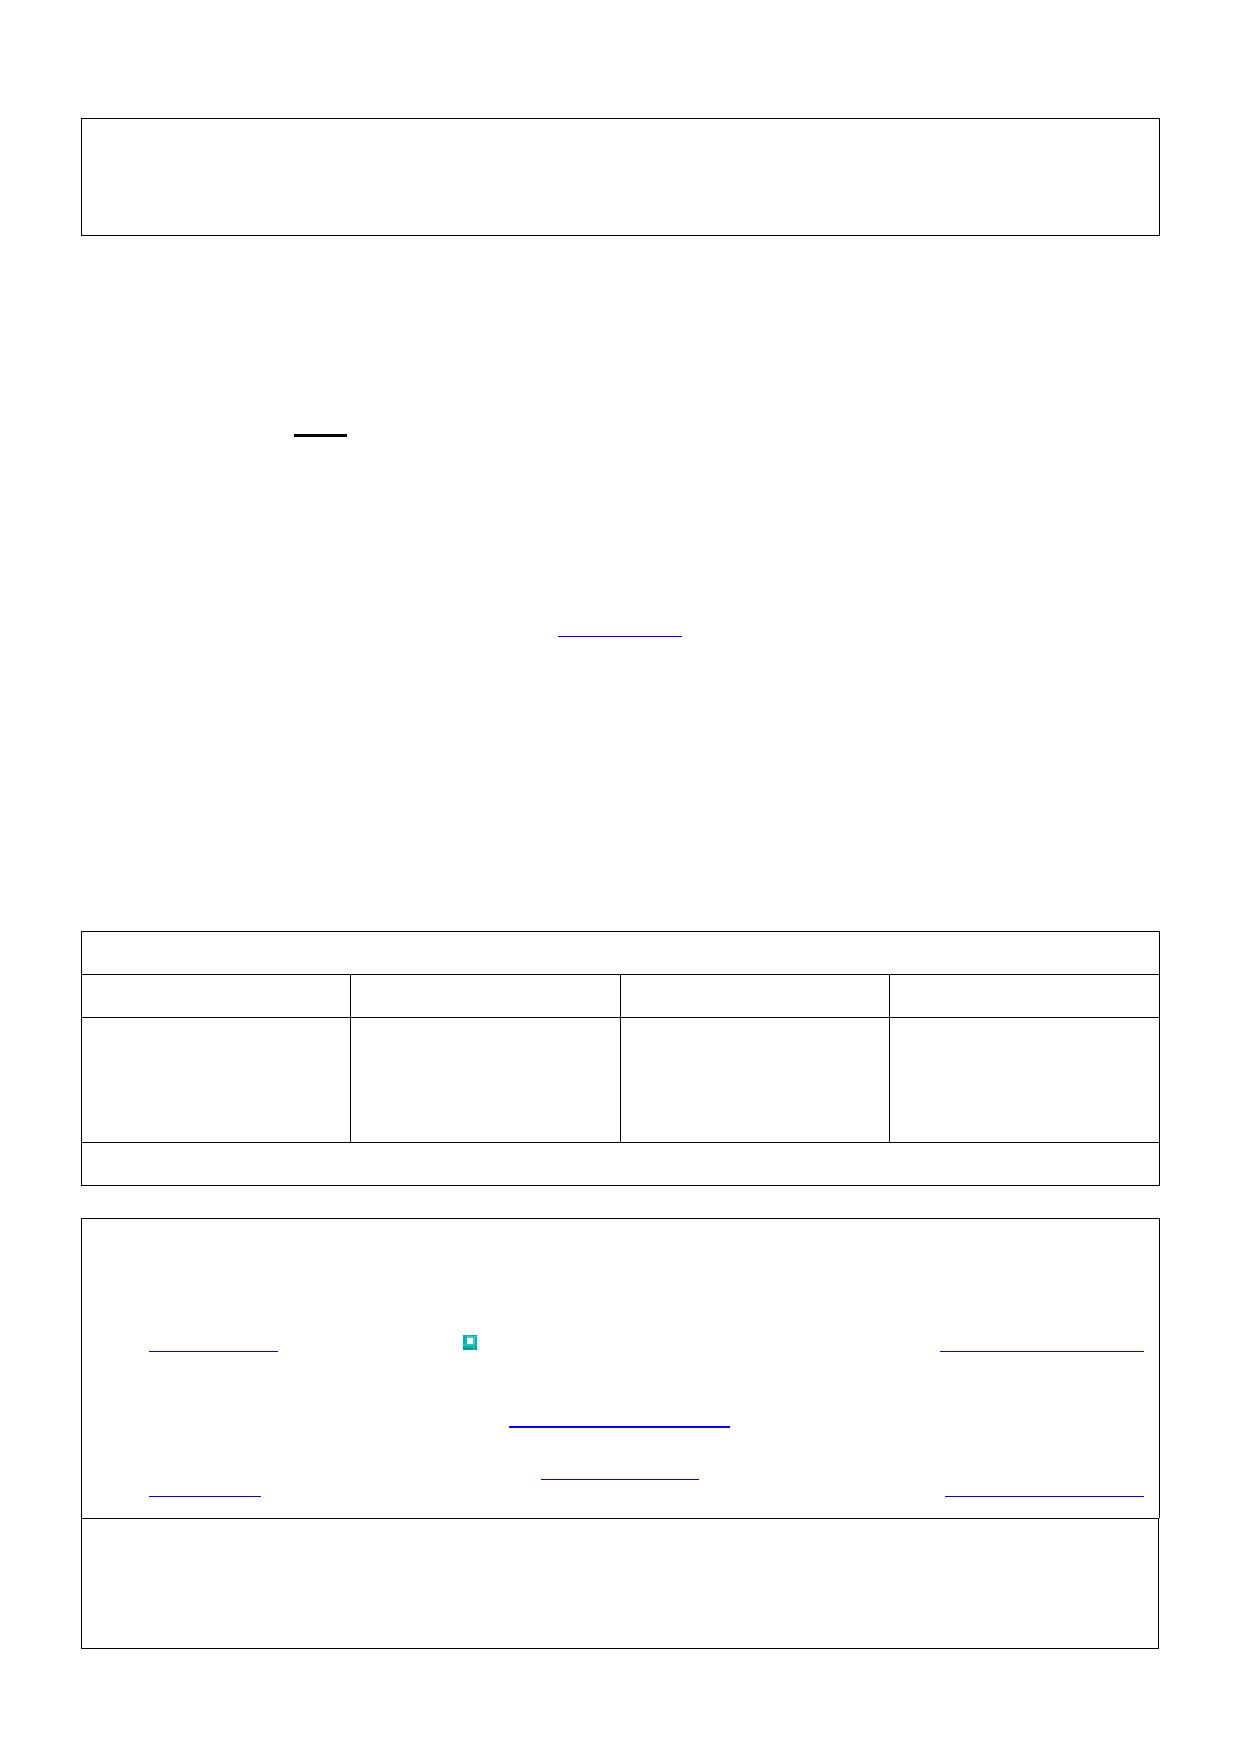 M0371YH450 دیتاشیت PDF